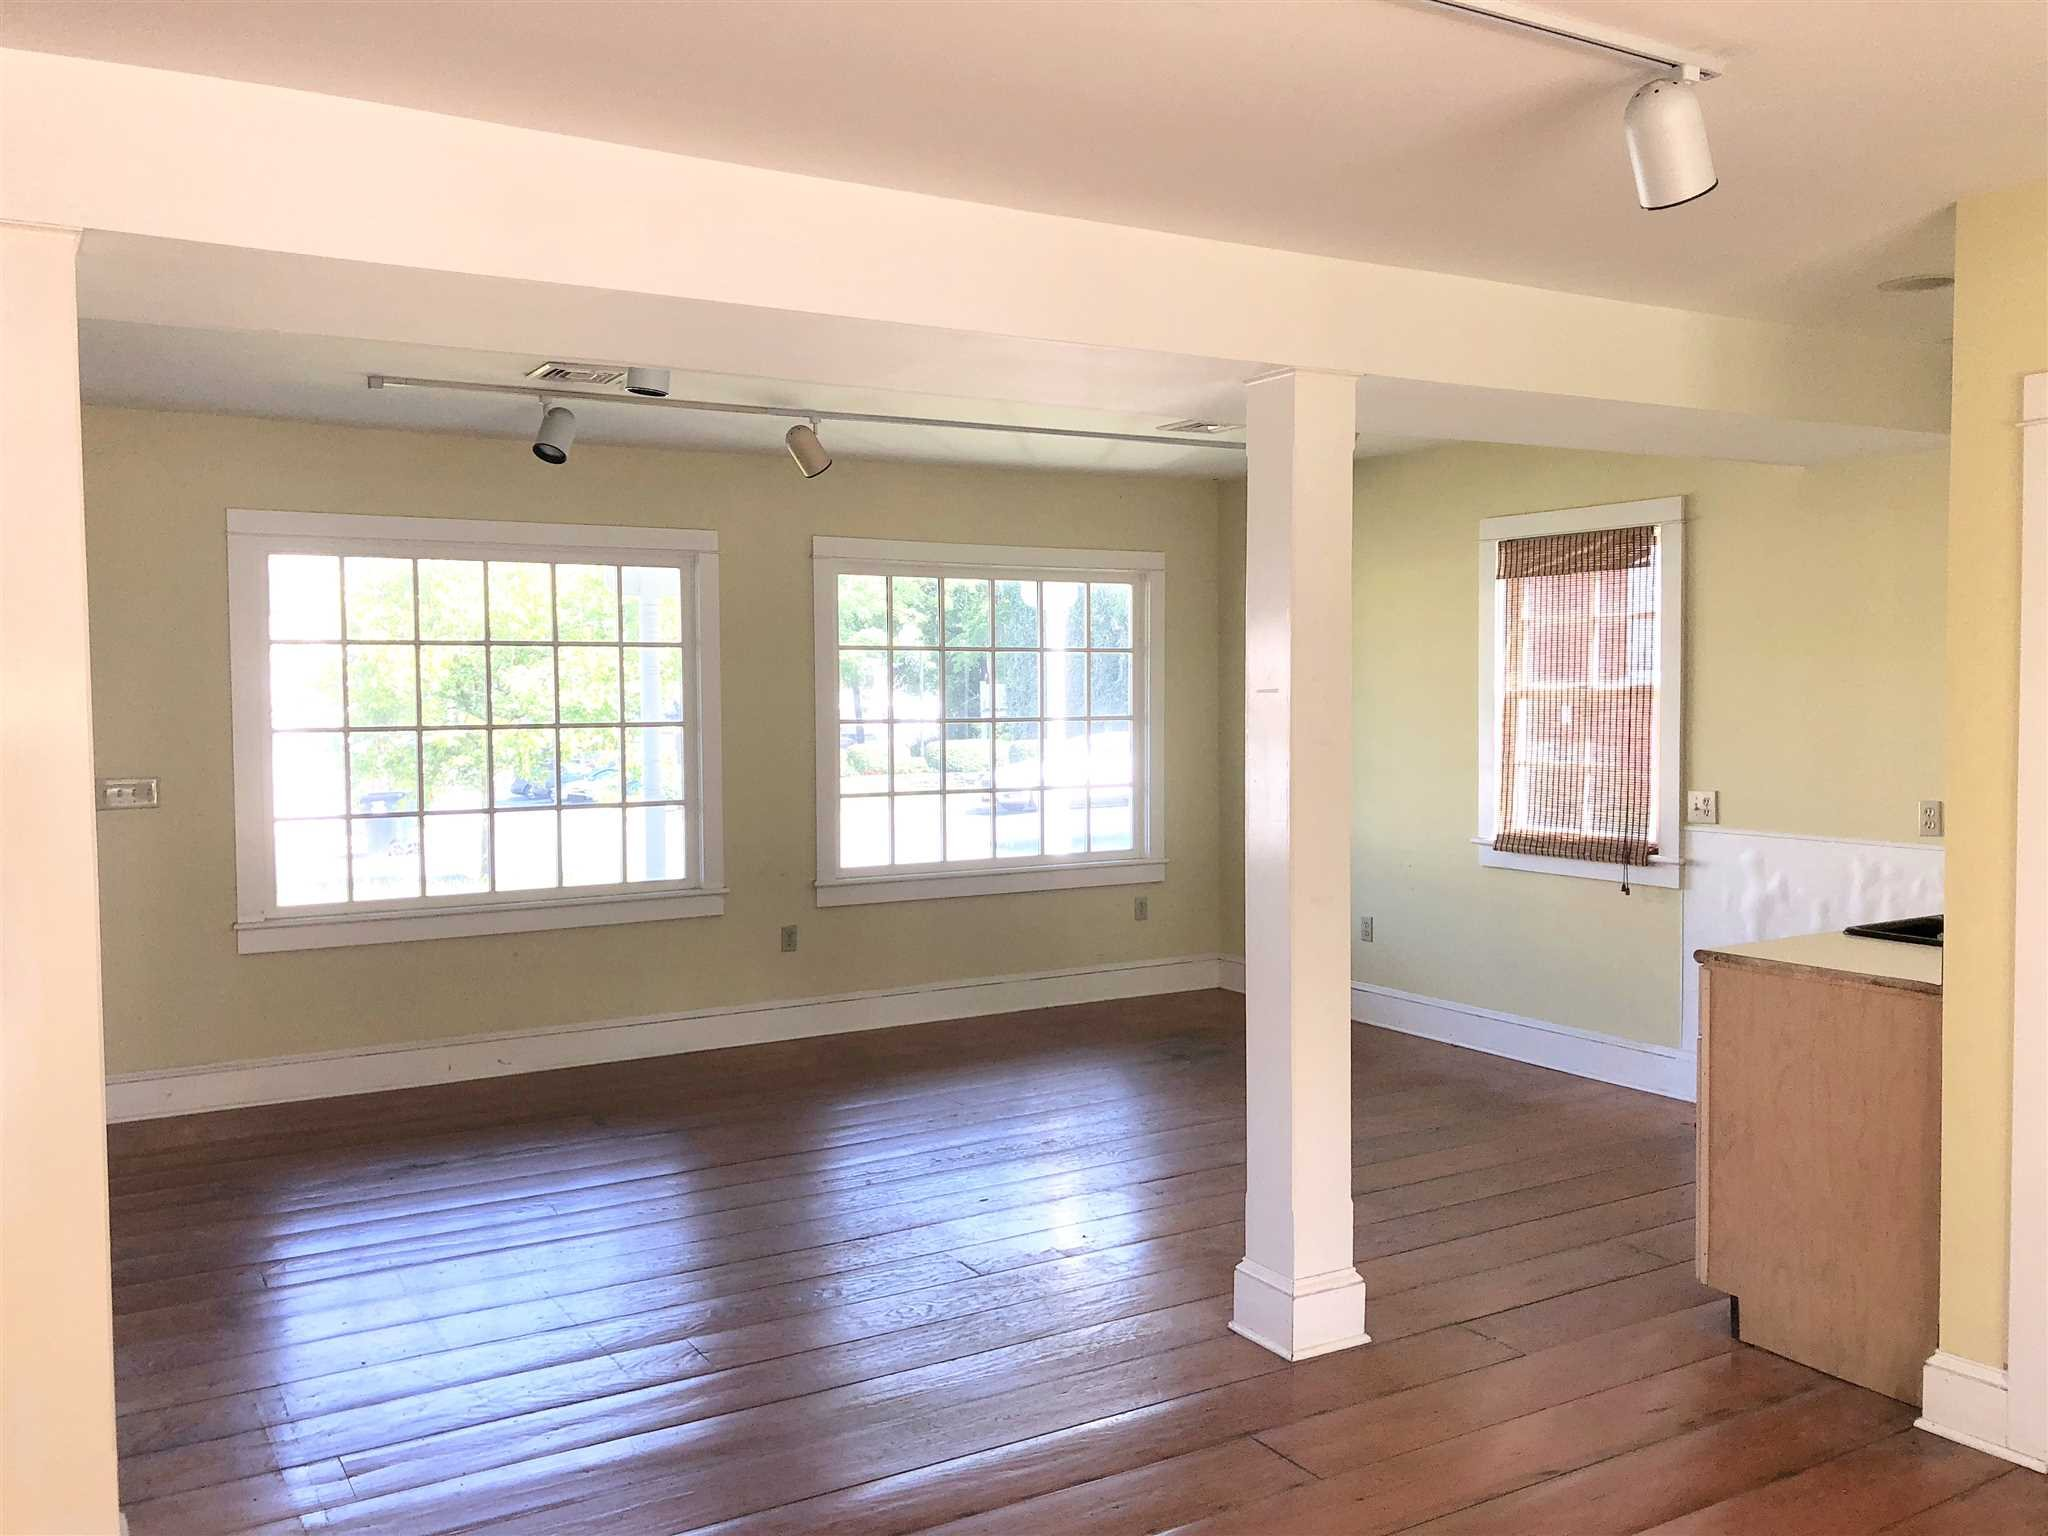 Additional photo for property listing at 16 WASHINGTON AVENUE 16 WASHINGTON AVENUE Millbrook, New York 12545 United States